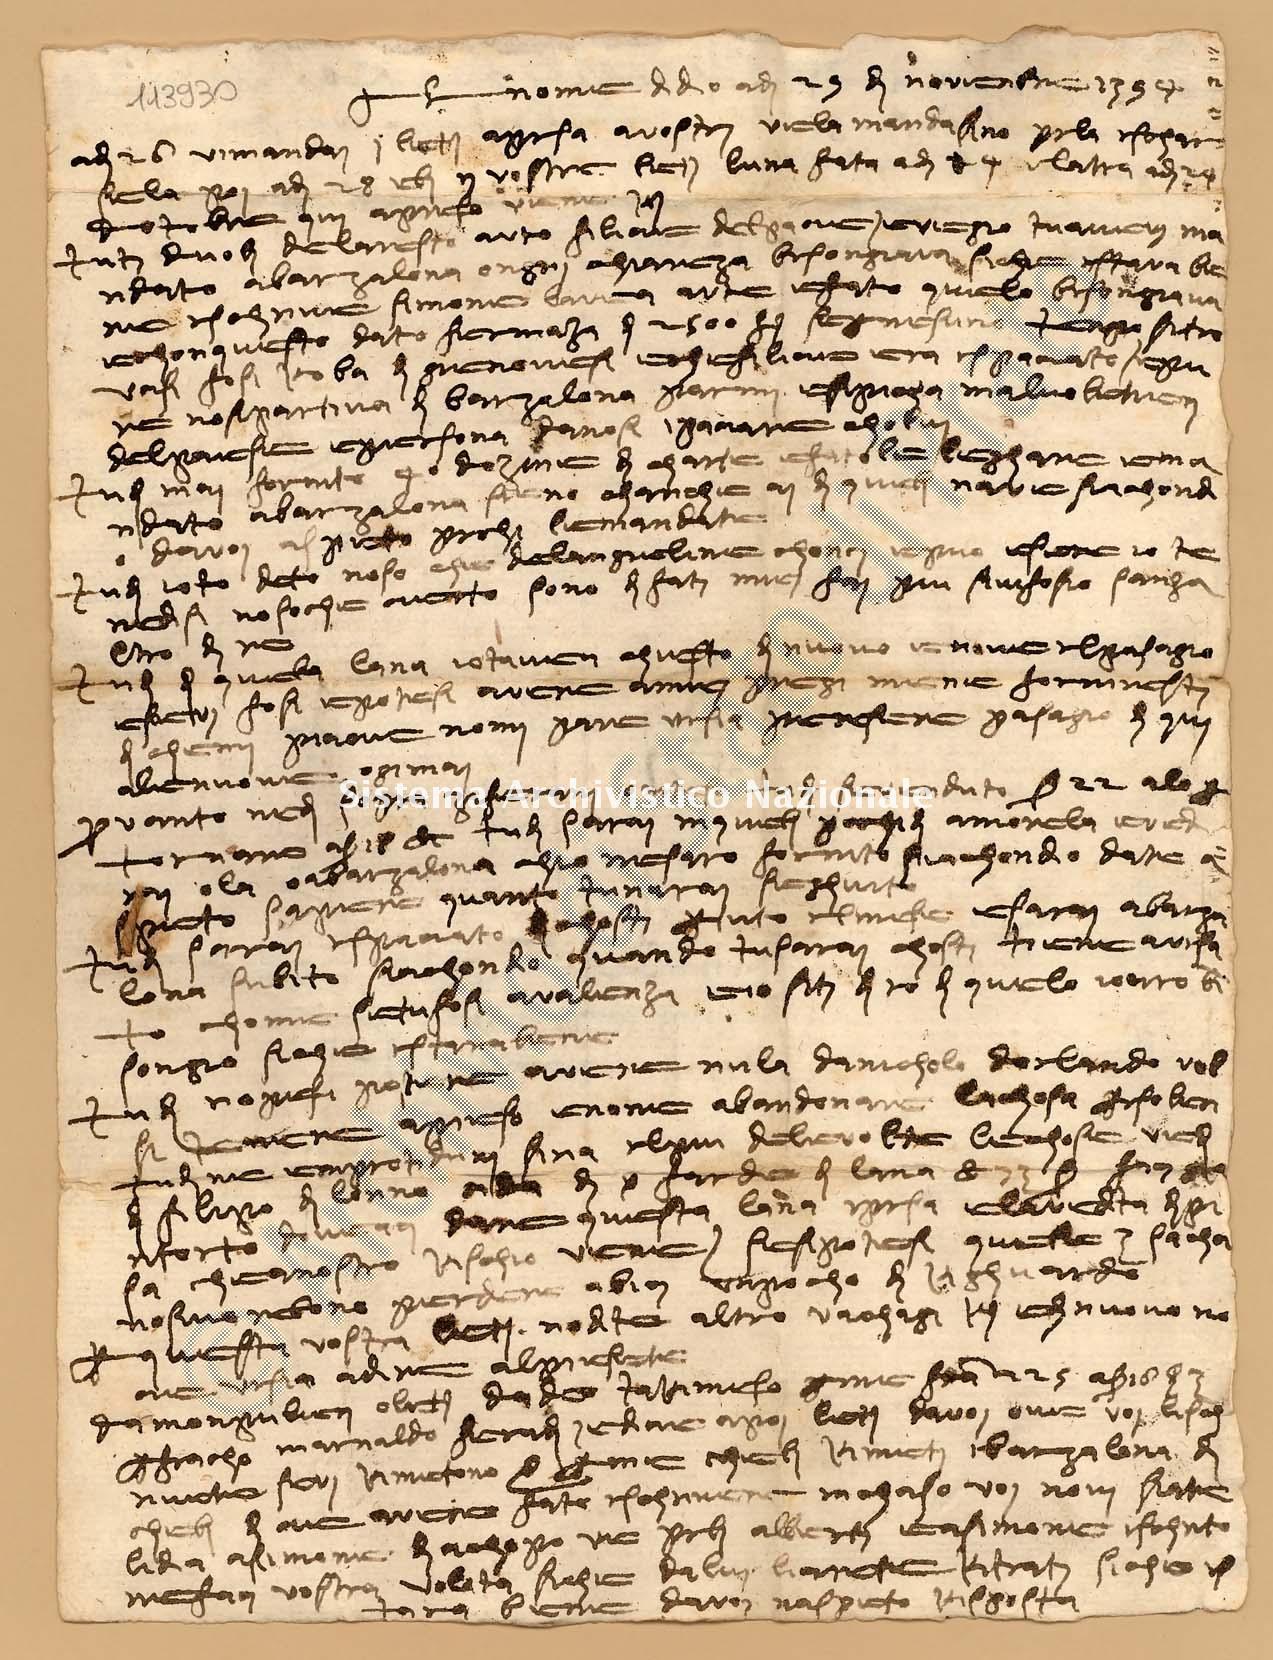 Archivio di Stato di Prato, Fondo Datini, Fondaco di Barcellona, Carteggio diretto al fondaco da Firenze, 857.1 Lettere Di Boni Ambrogio Di Meo a Datini Francesco Di Marco e Luca Del Sera e Comp. (busta 857, inserto 1, codice 113930)